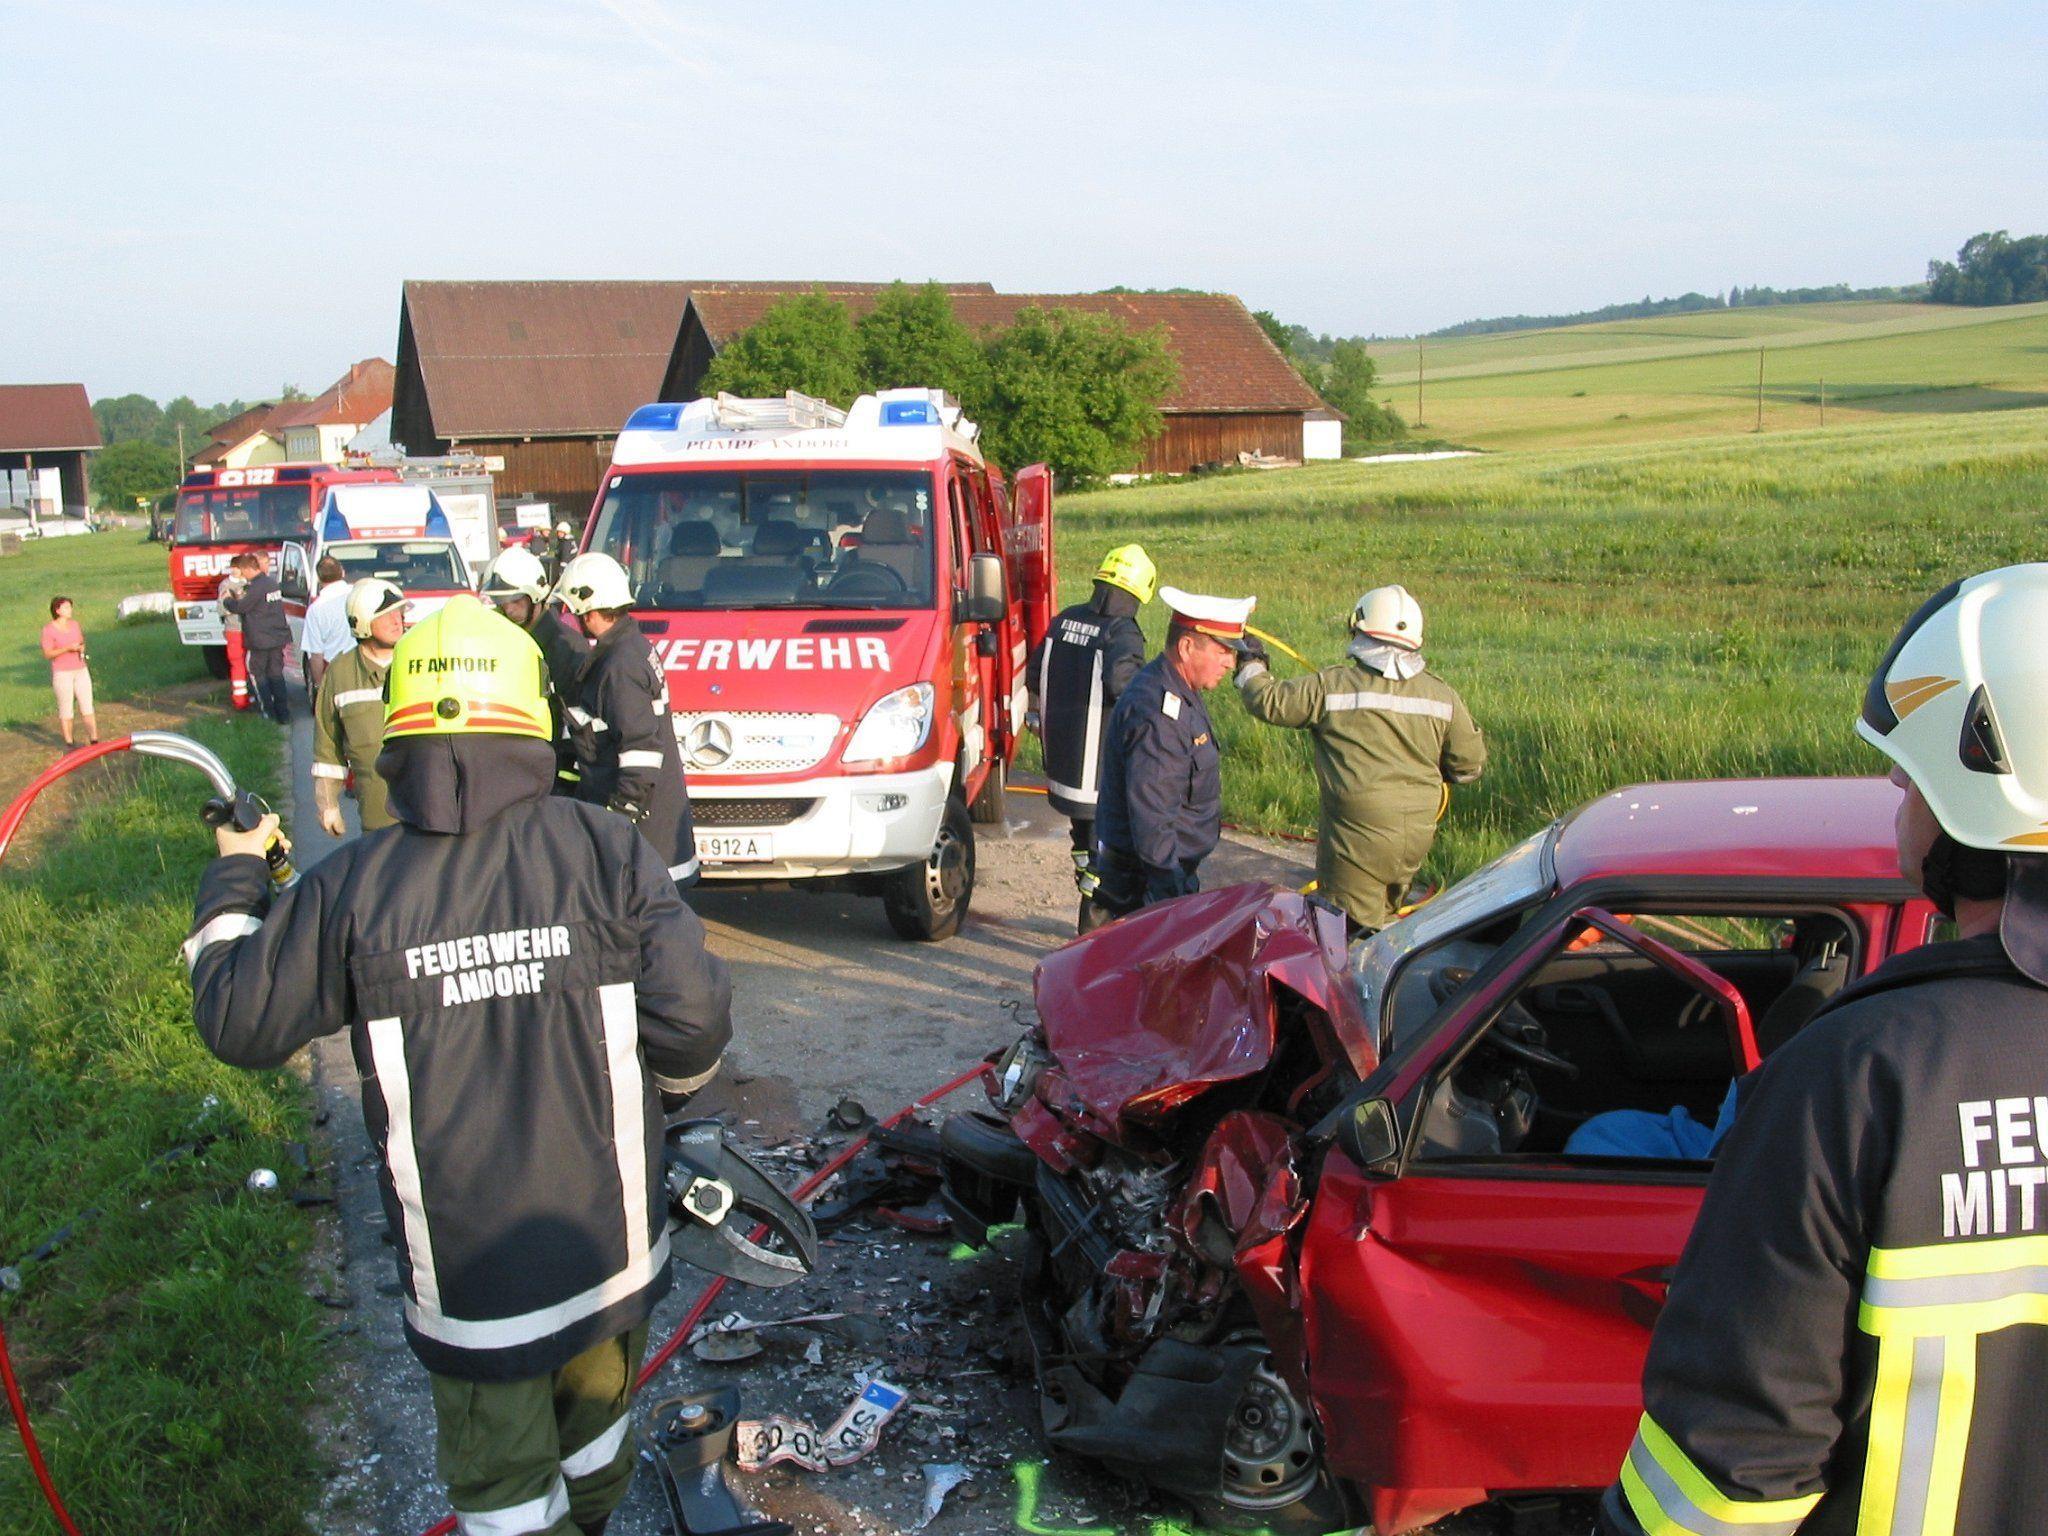 Bei einem Frontalcrash in Diersbach wurden zwei junge Menschen zum Teil schwer verletzt.